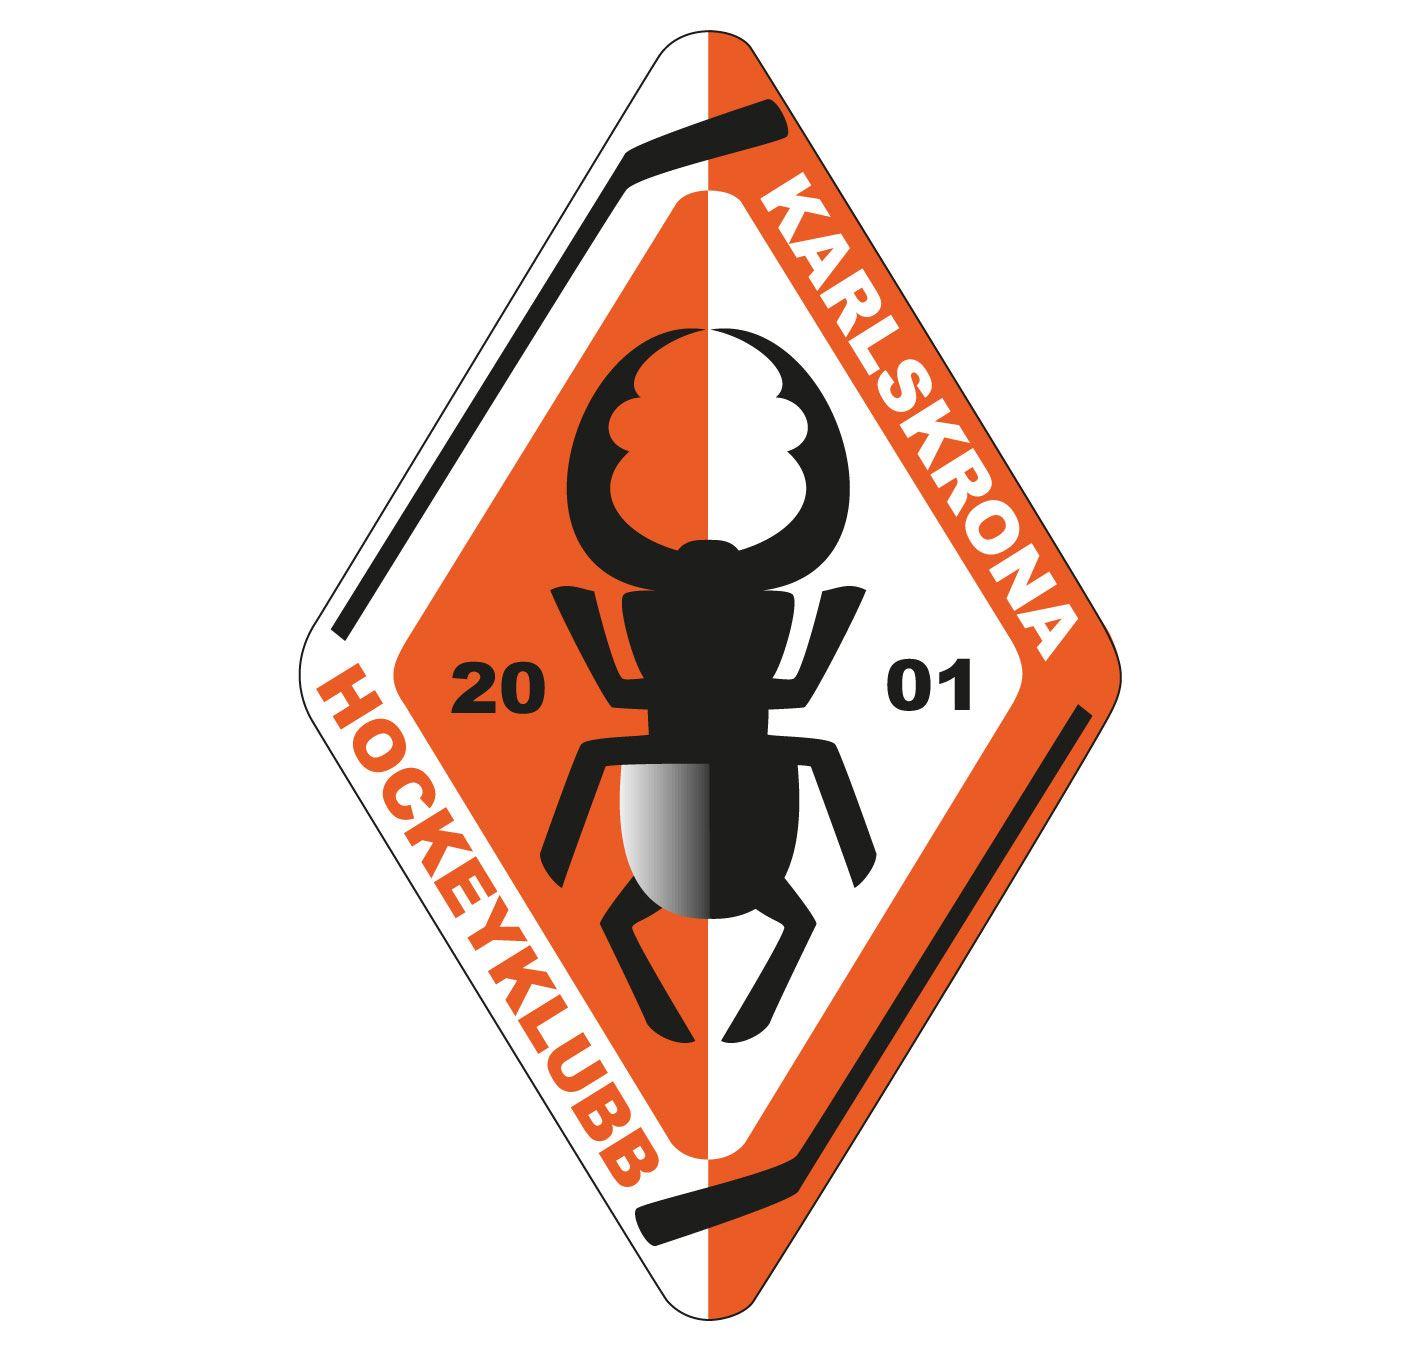 SHL-match Karlskrona HK (KHK) - Skellefteå AIK